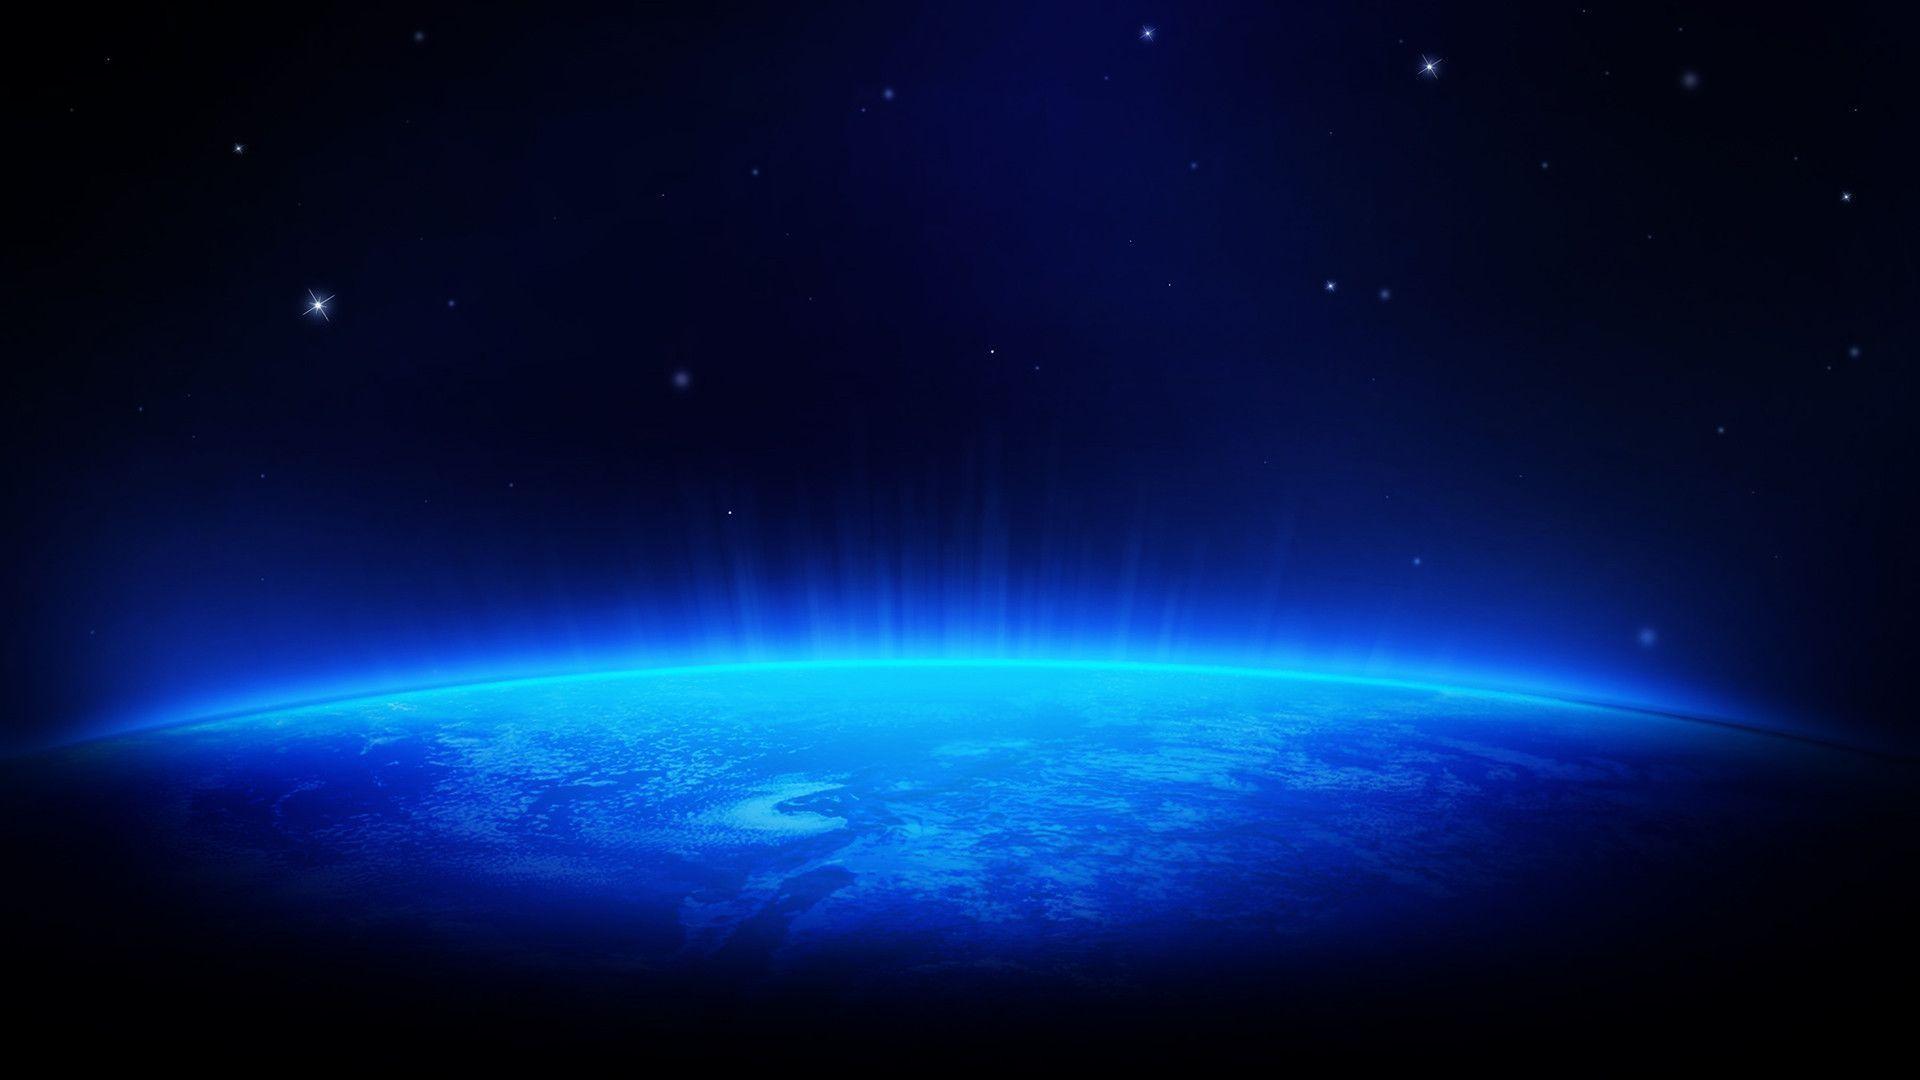 Galaxy Dark Blue Wallpaper Hd 1080p